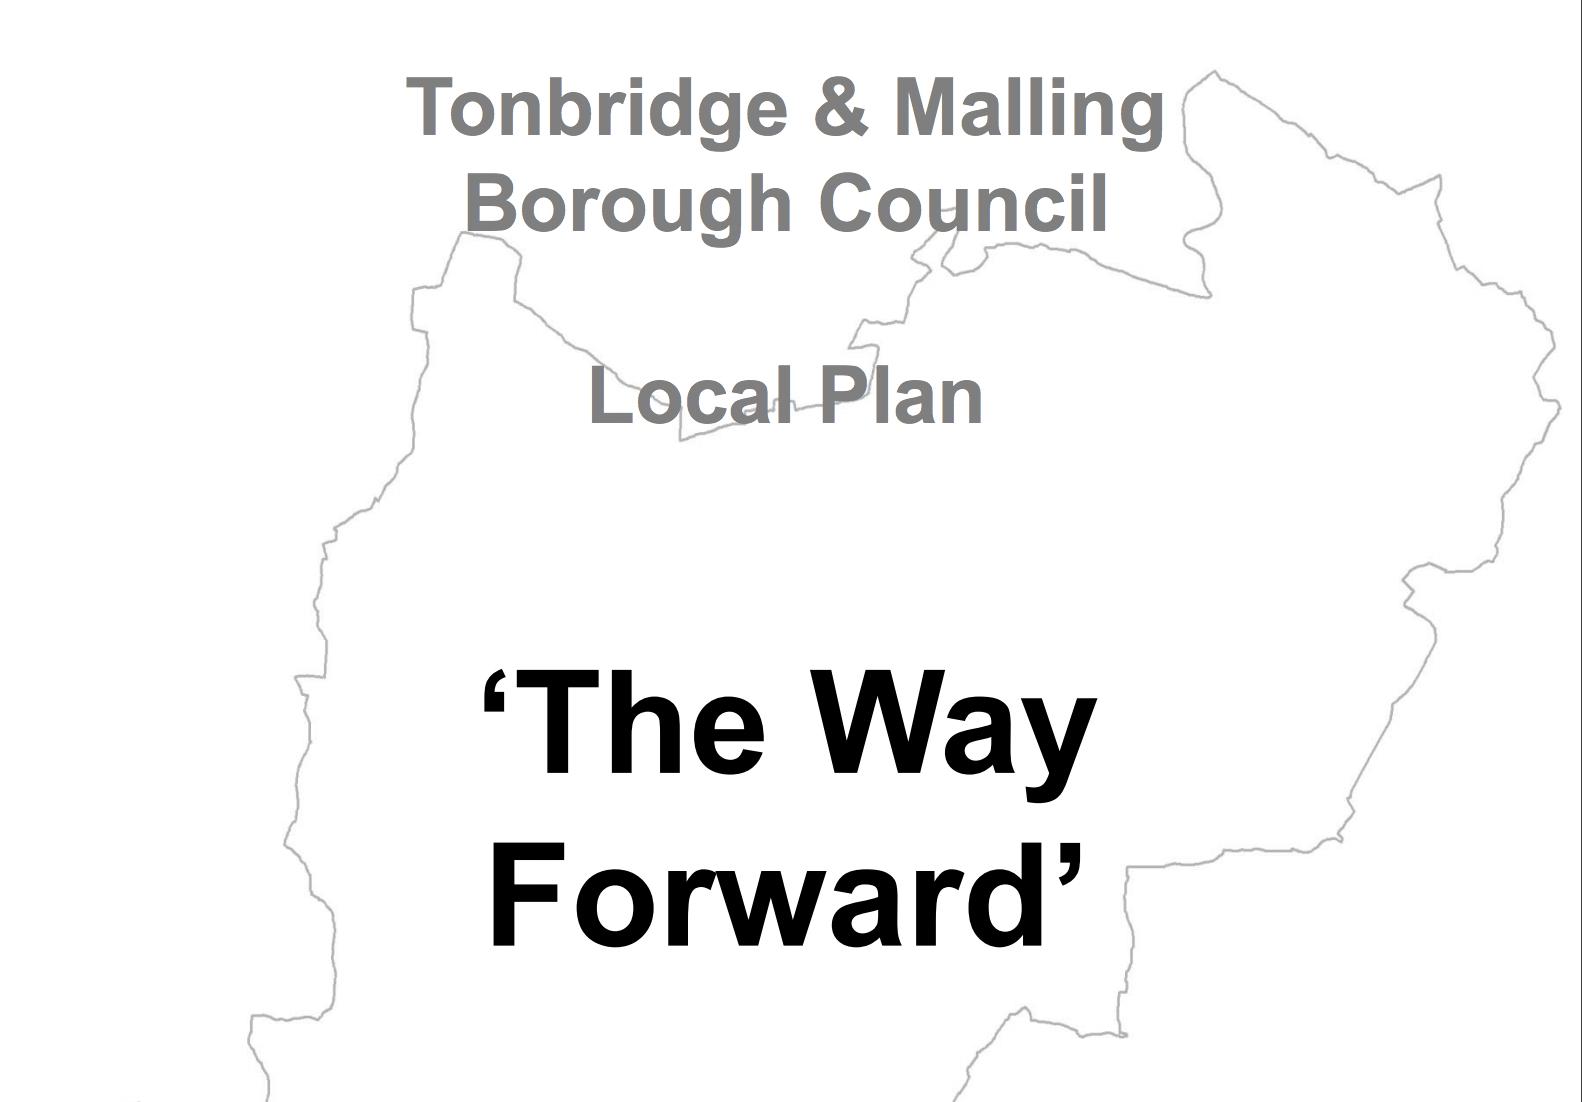 Borough Council Building Plans to 2031 explained